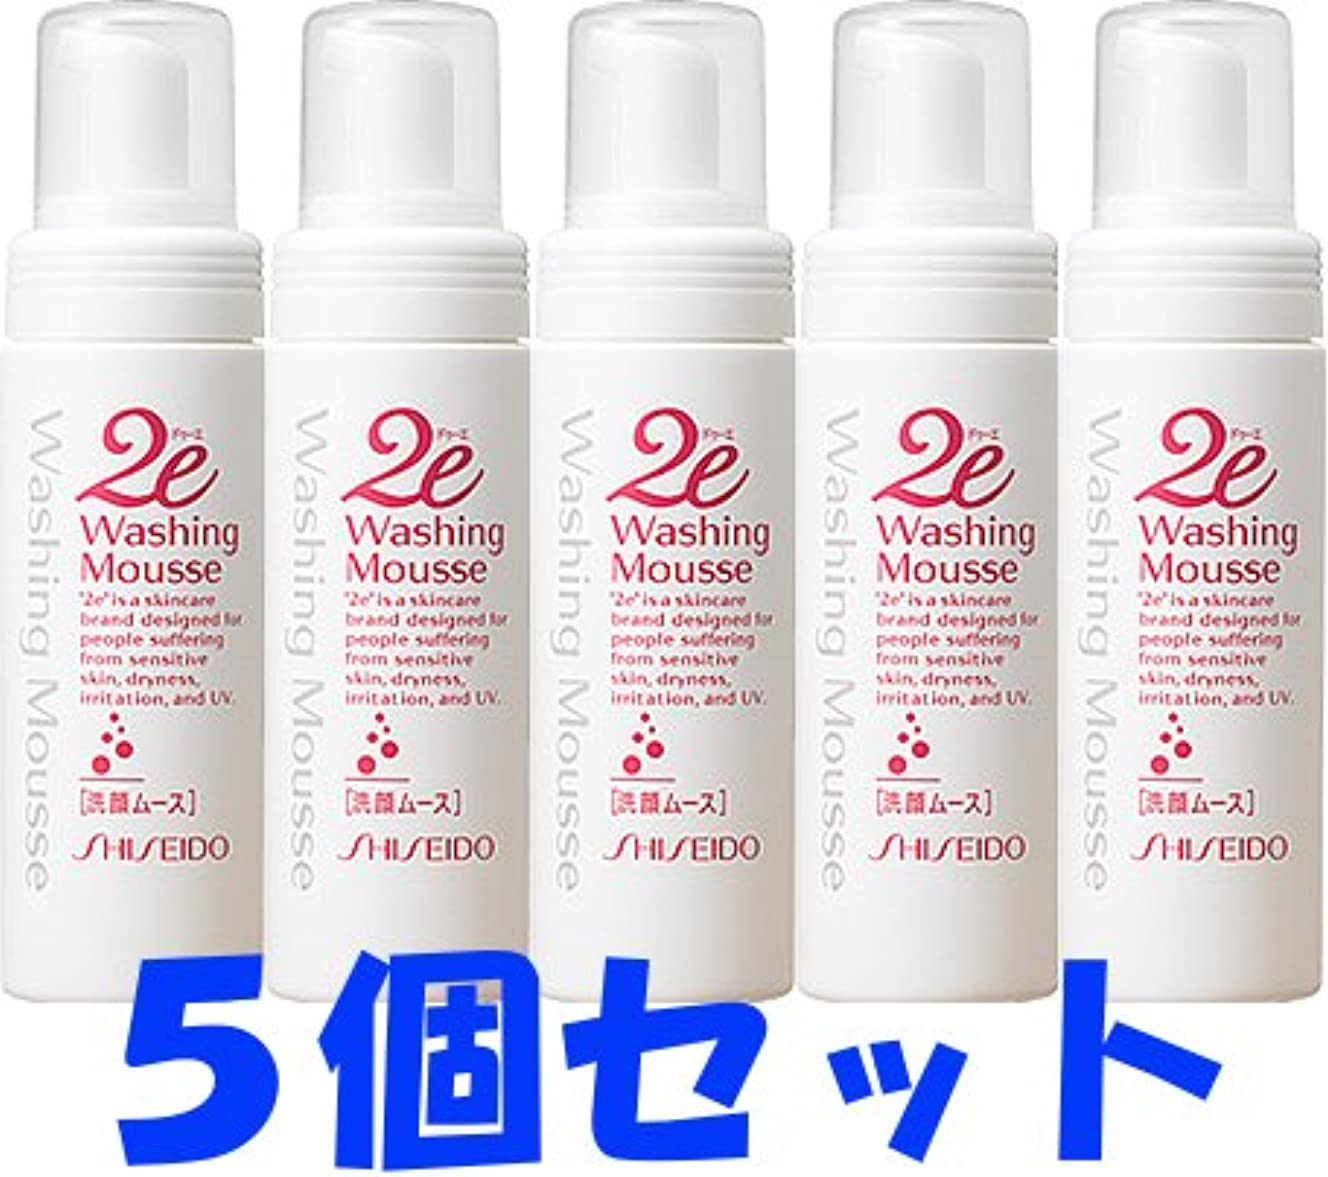 吸うメンタリティ維持【5個セット】資生堂 2e ドゥーエ 洗顔ムース 120ml